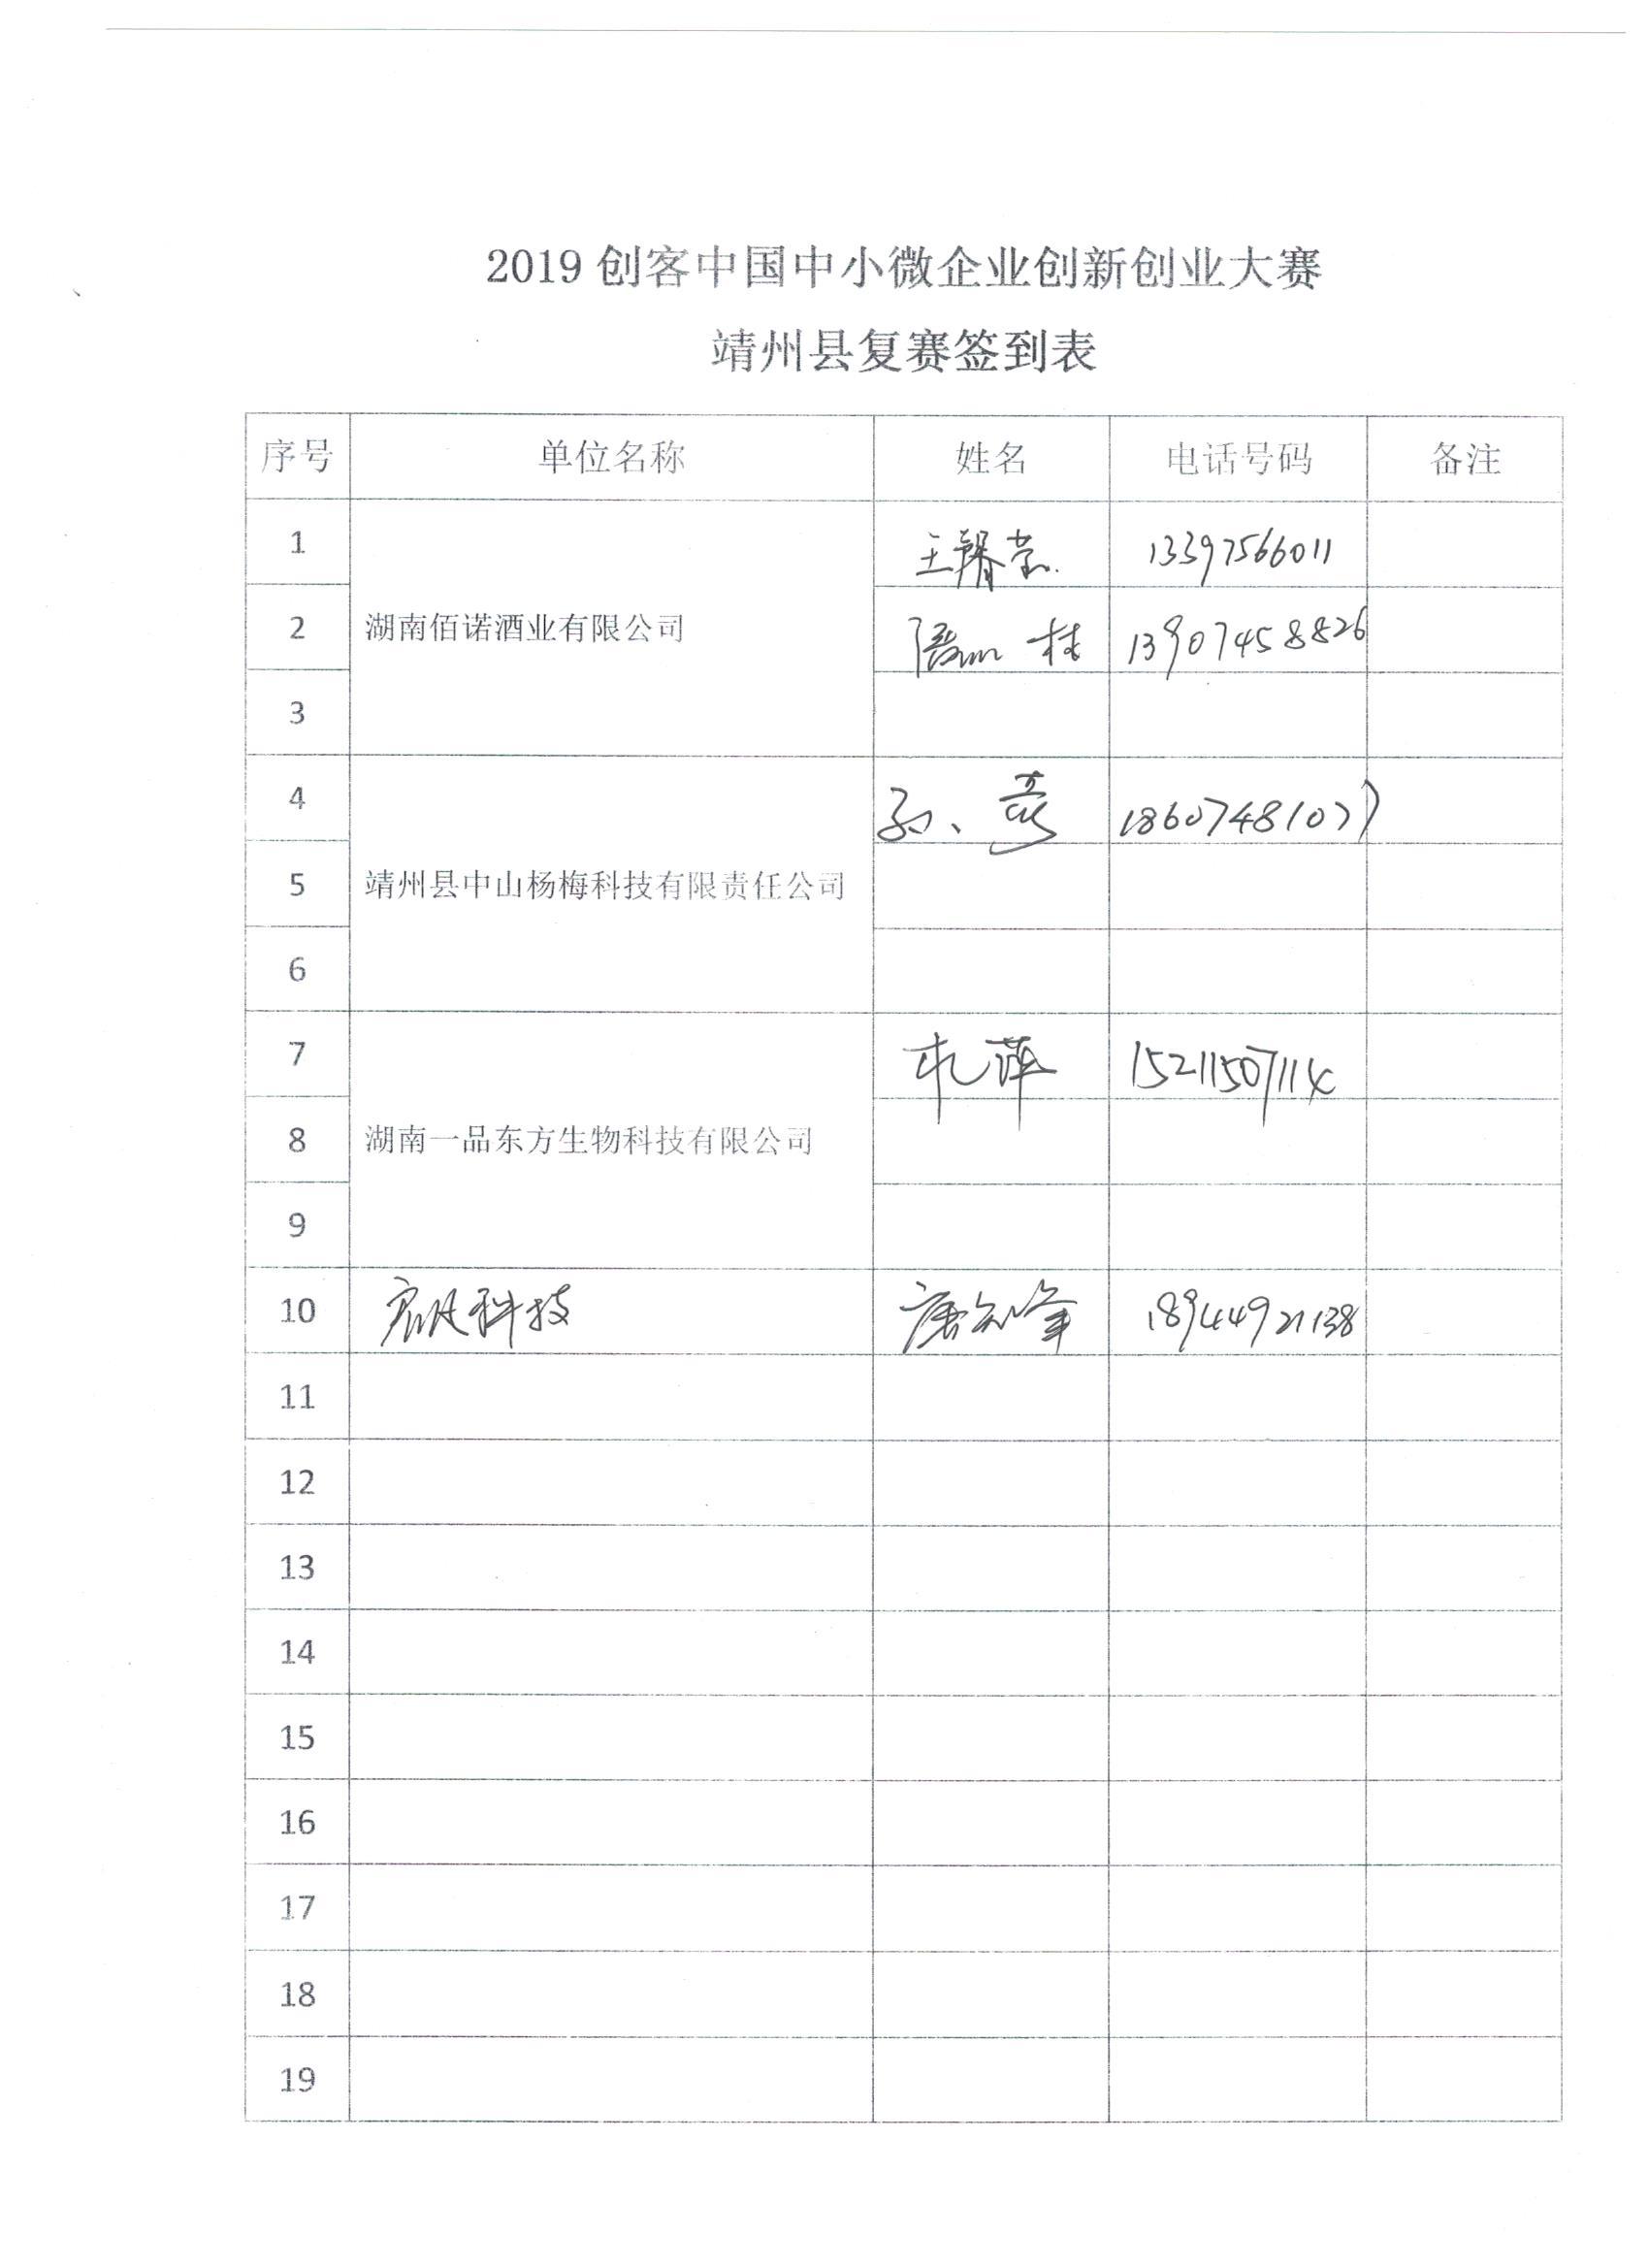 2019創客中國中小微企業創新創業大賽靖州縣復賽